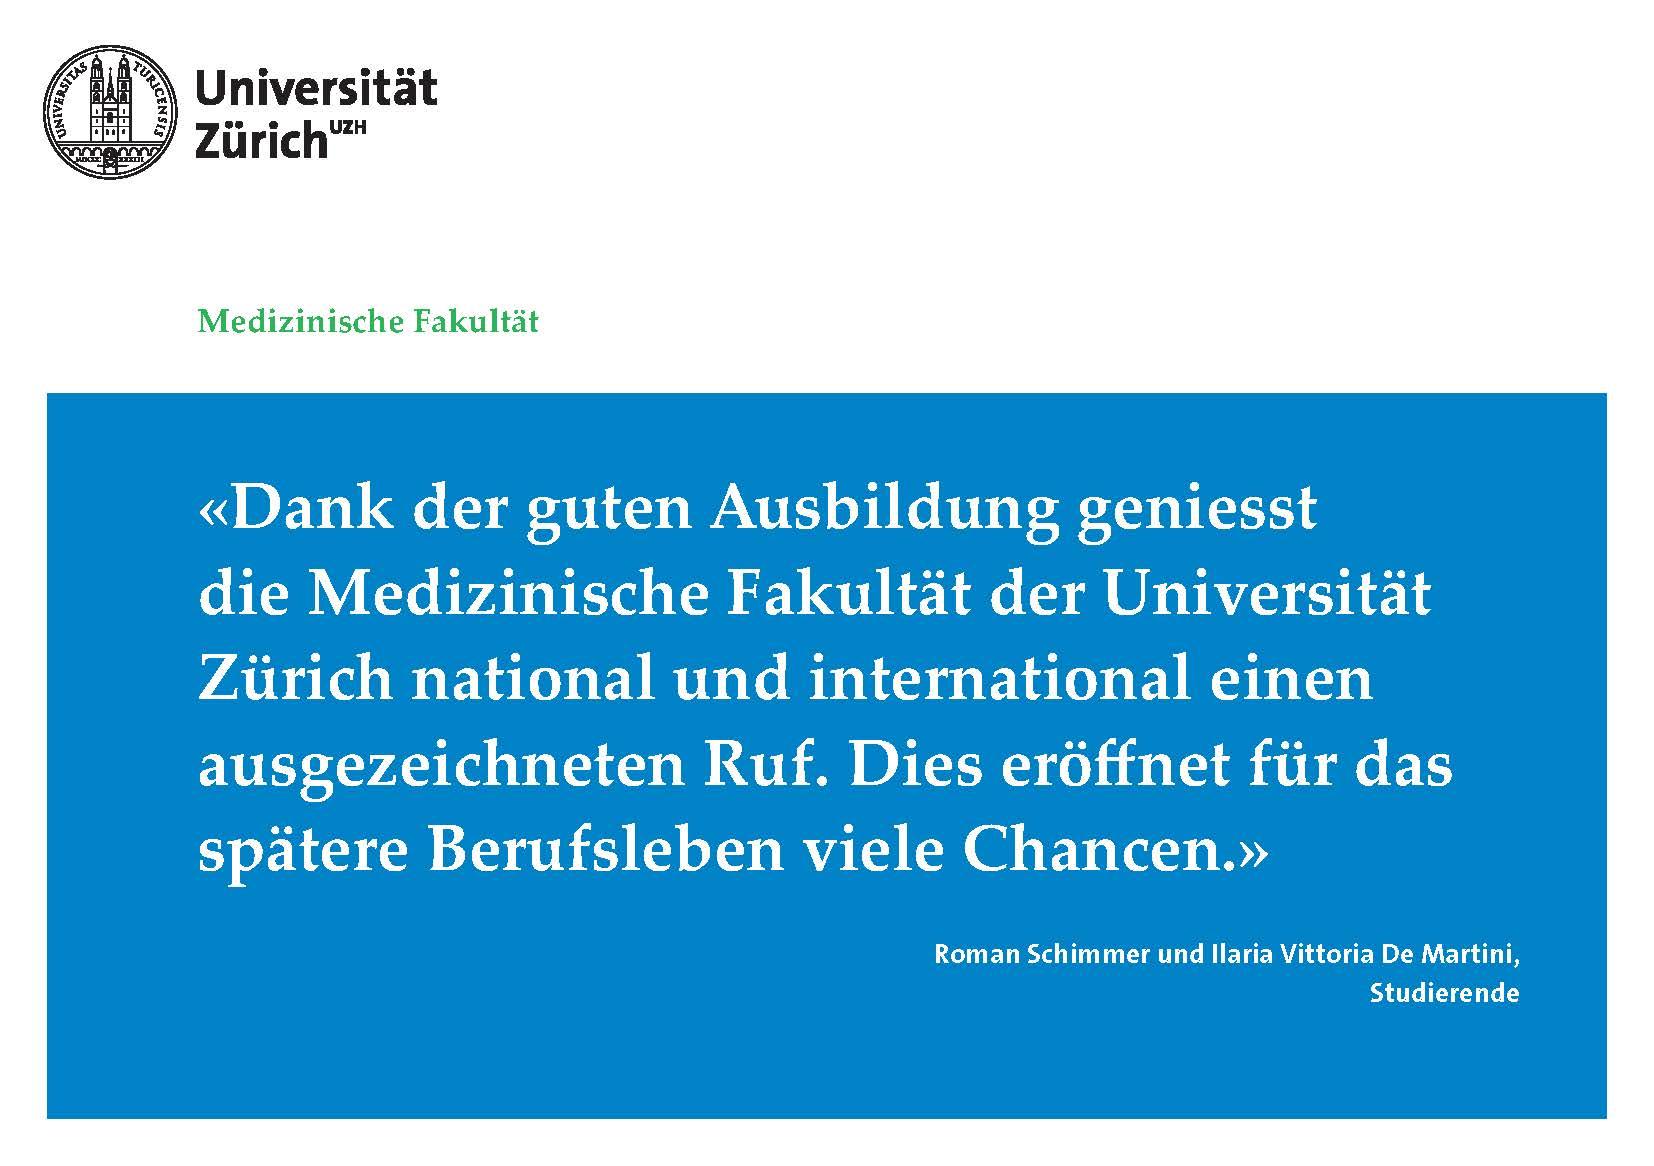 dissertation uzh medizinische fakultät